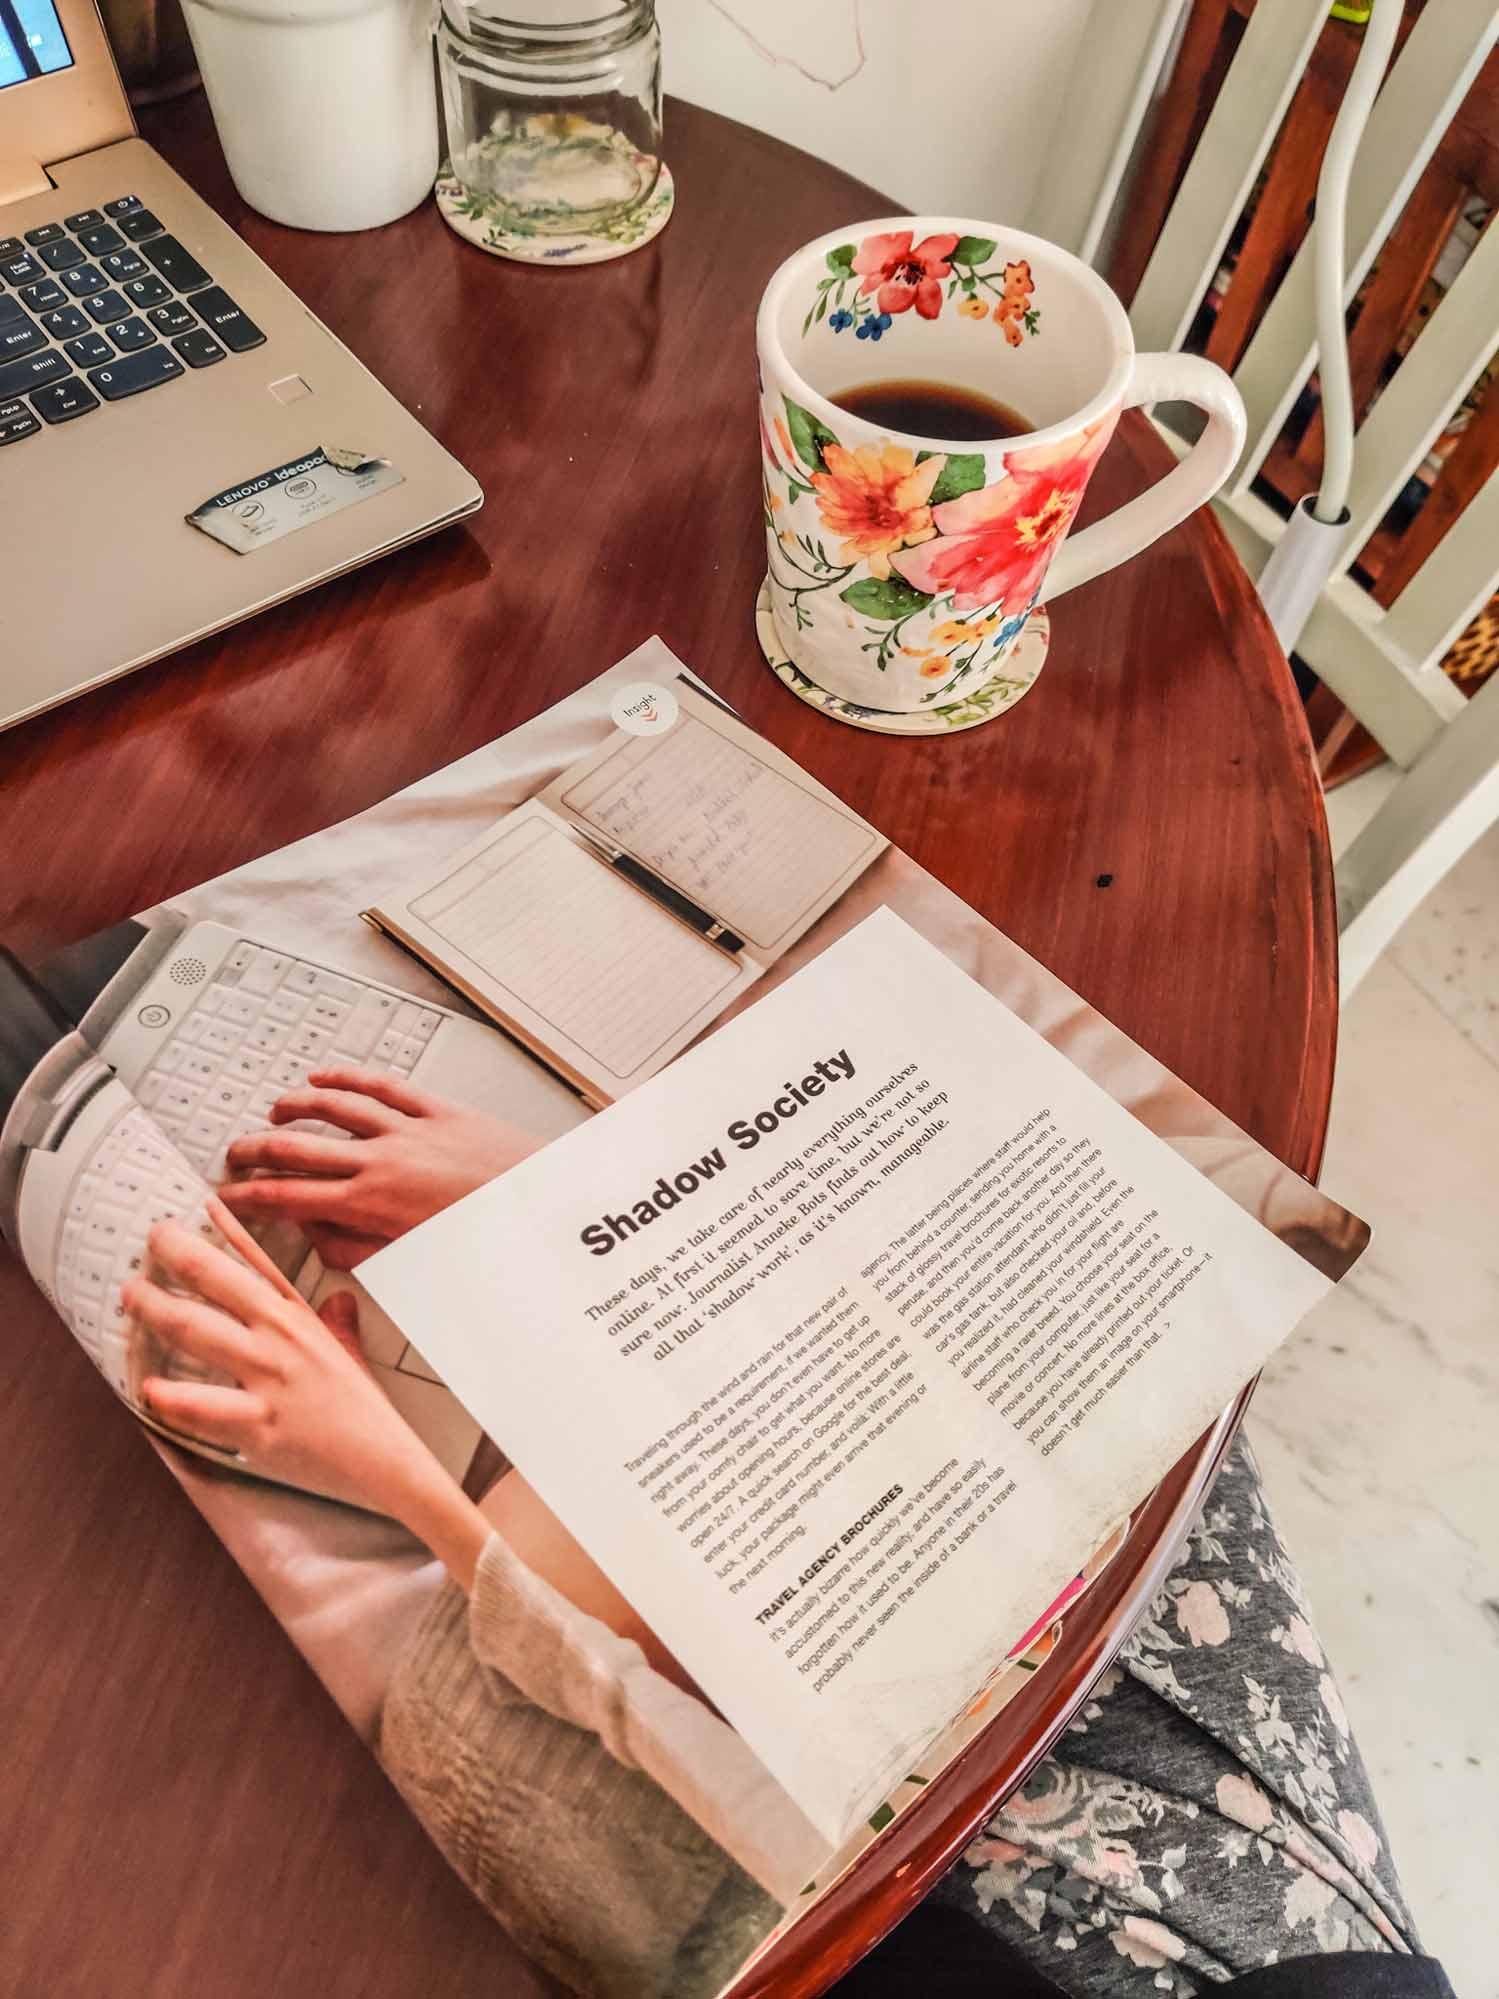 flow magazine lostilista review